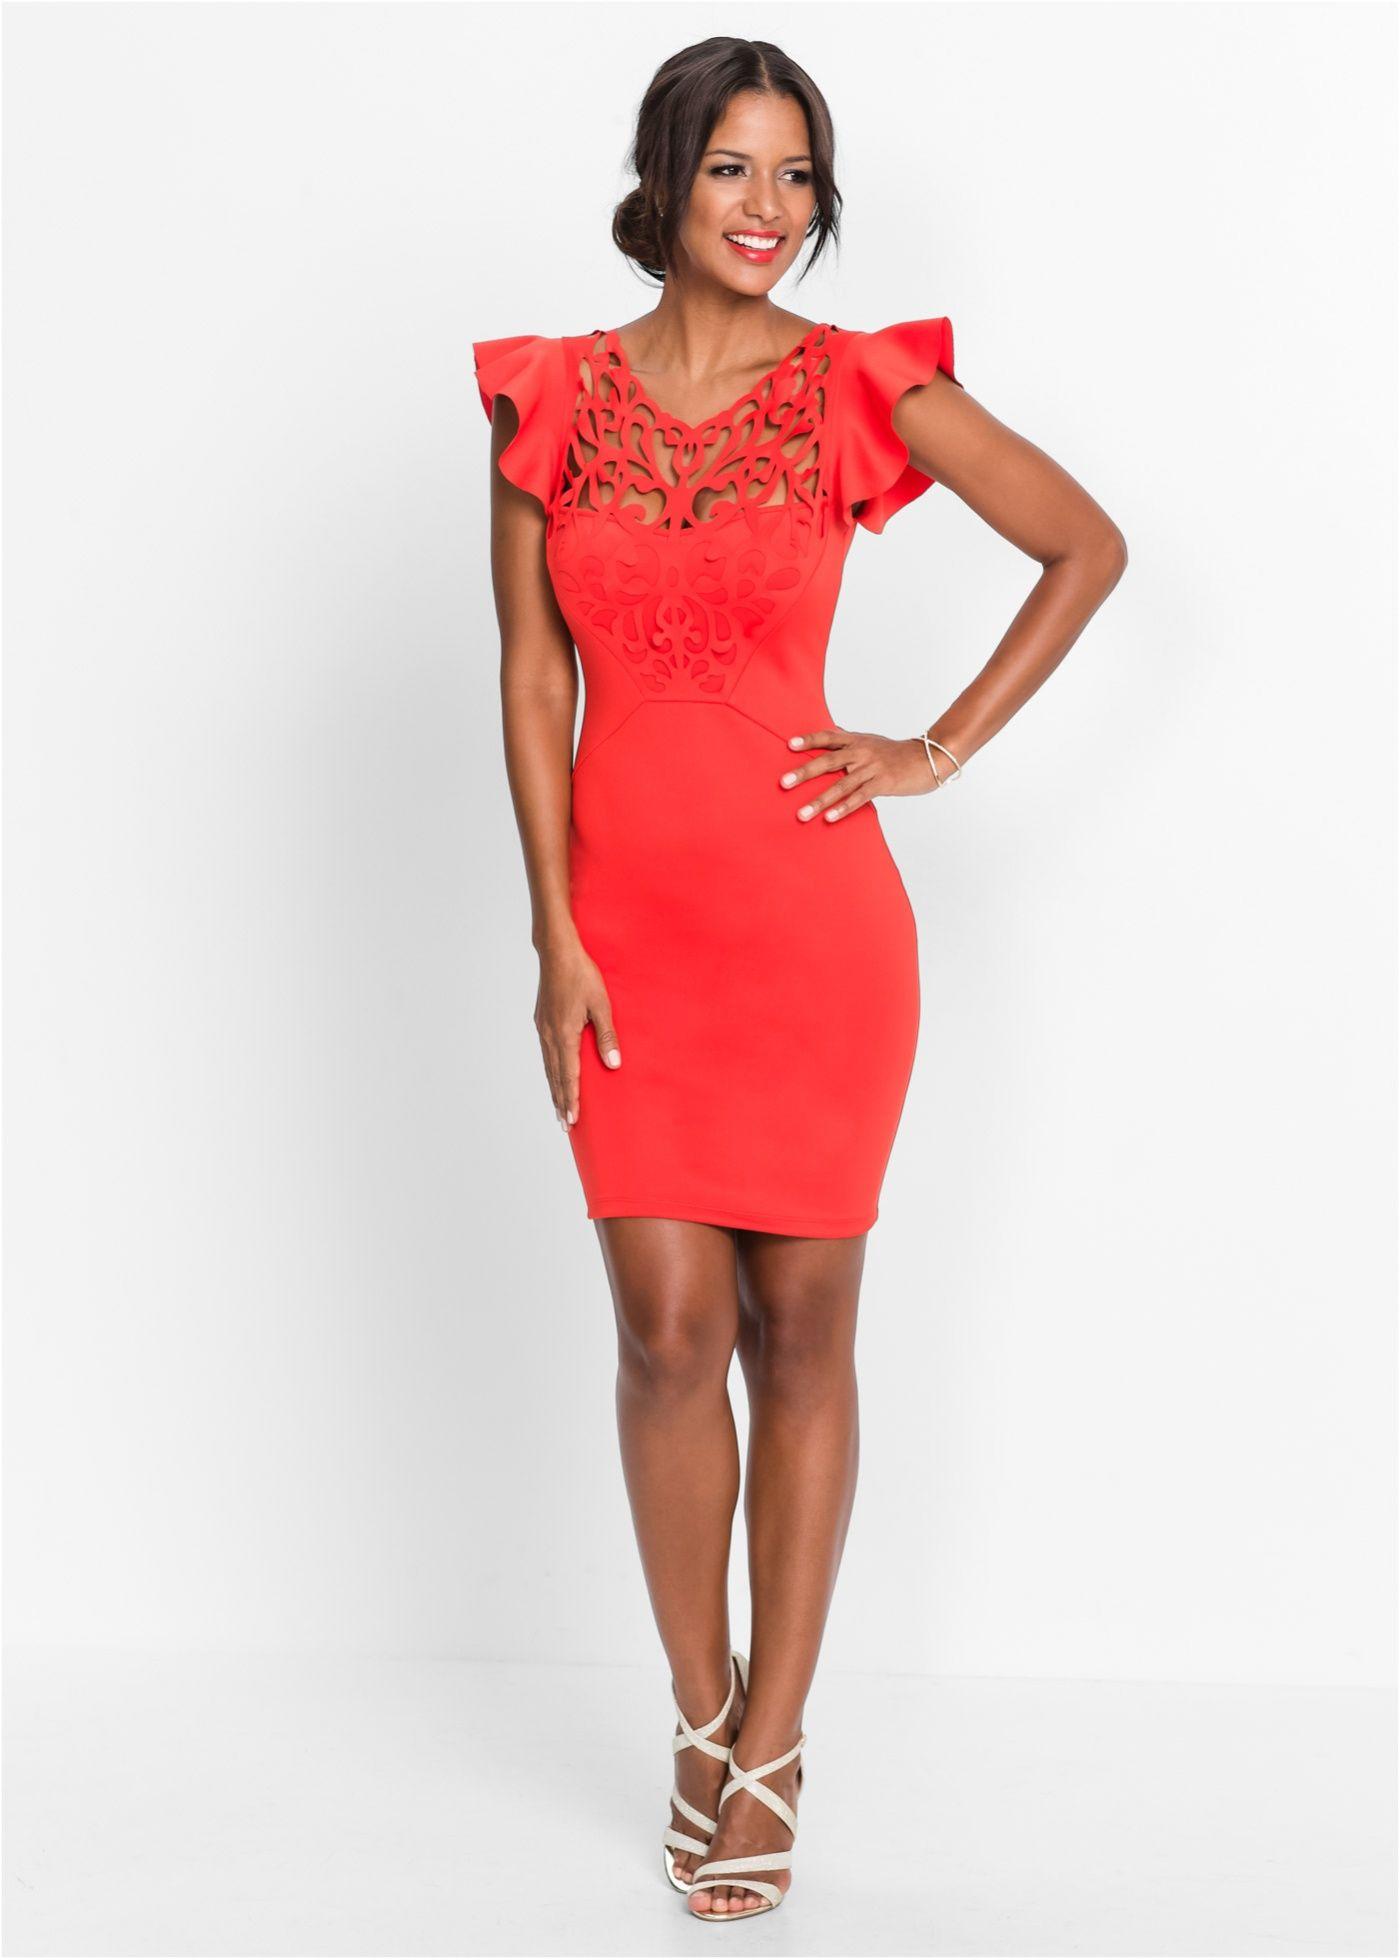 Kleid rot jetzt im Online Shop von bonprix.de ab ? 20,20 bestellen